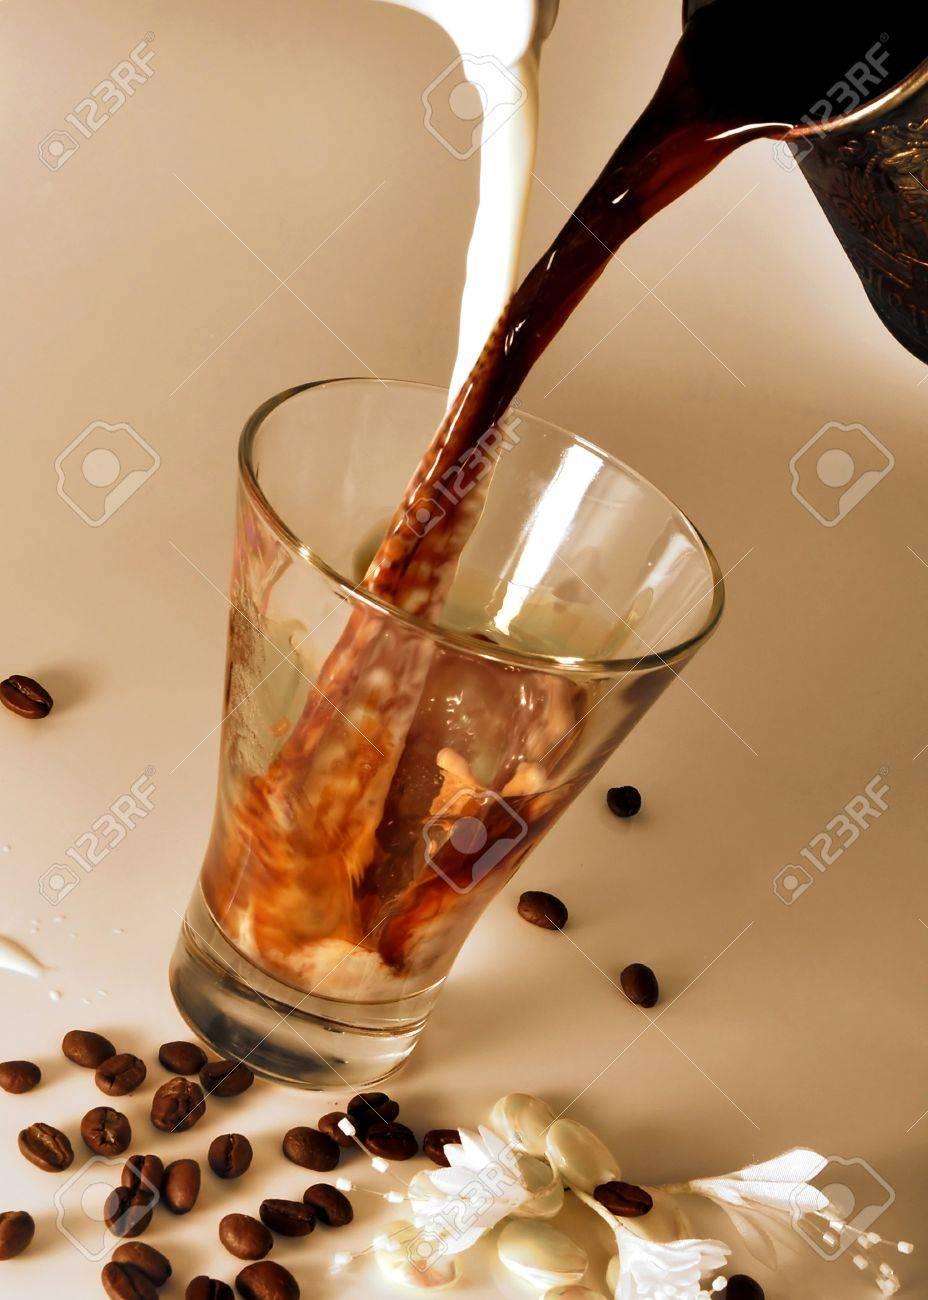 kaffee und milch ausgießen in einem transparenten glas und mischen